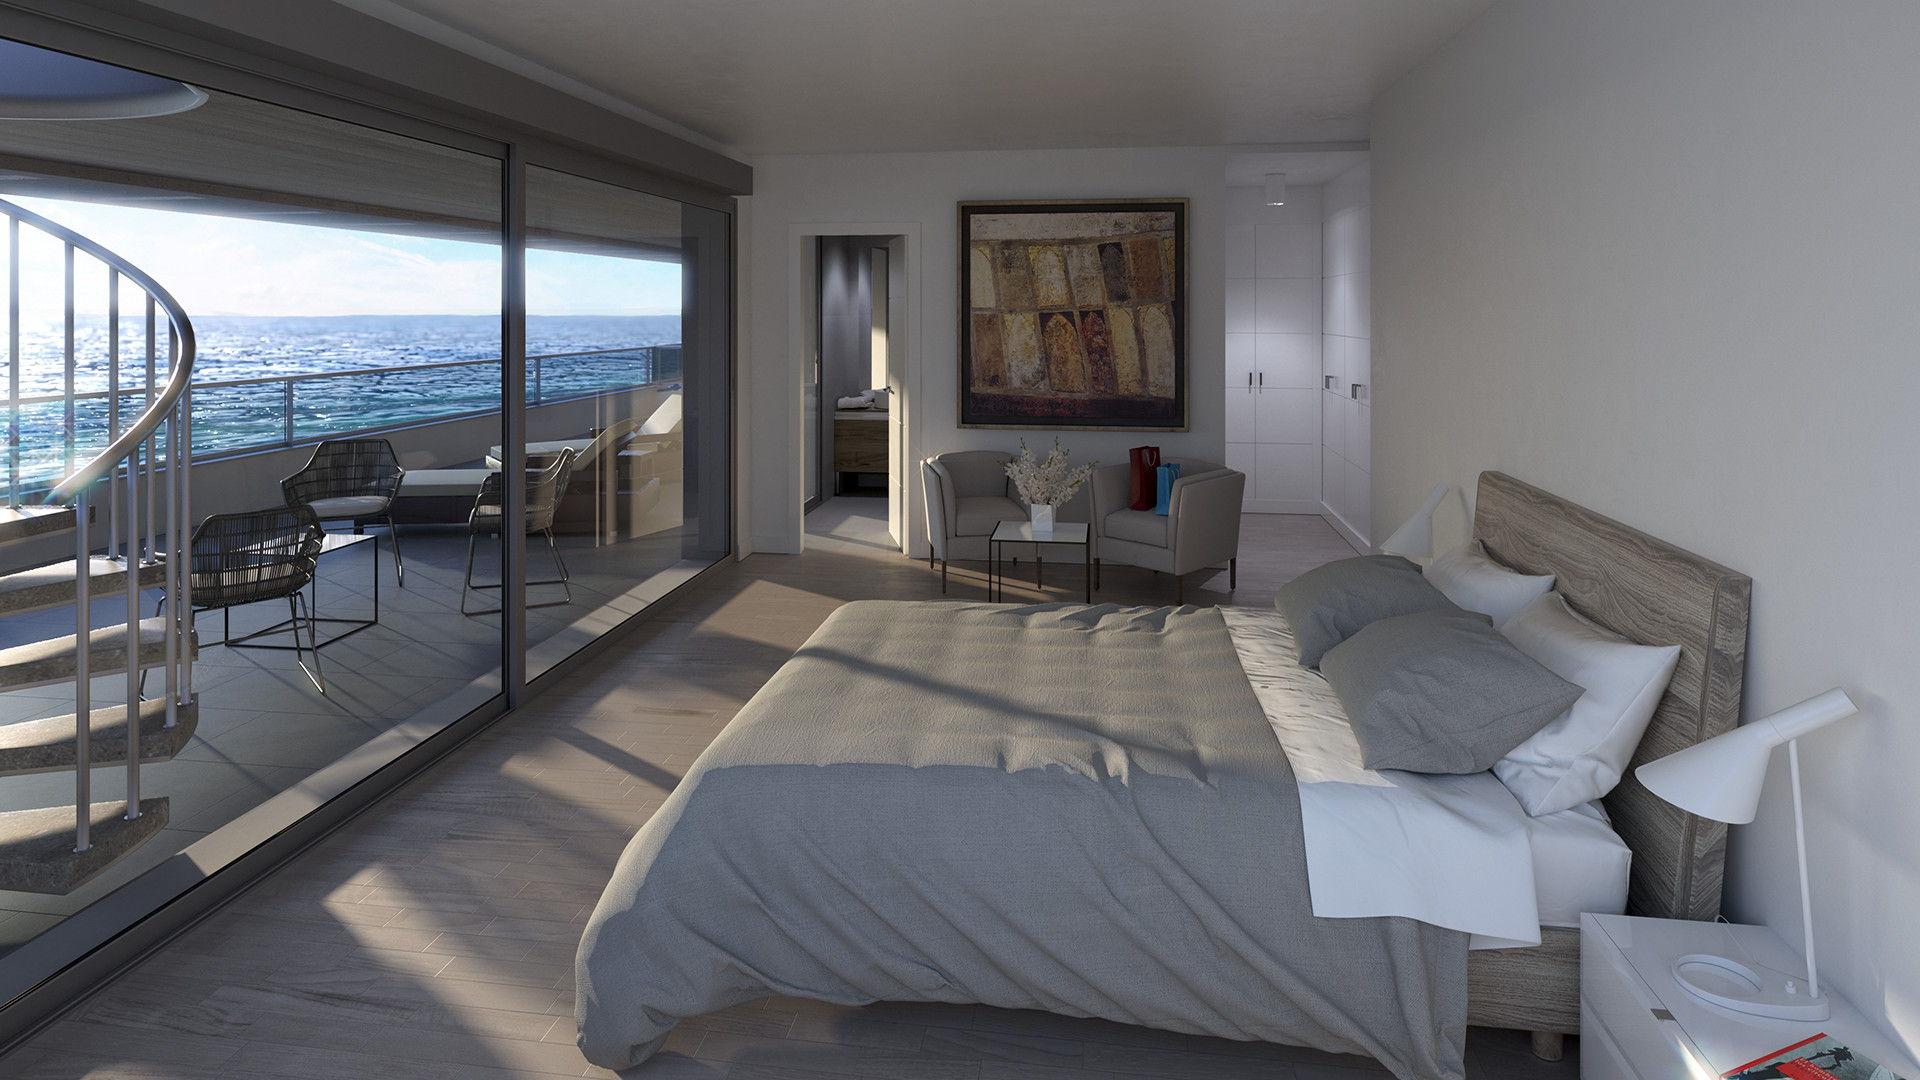 dormitorio blau de mar apartamentos playa de aro costa brava